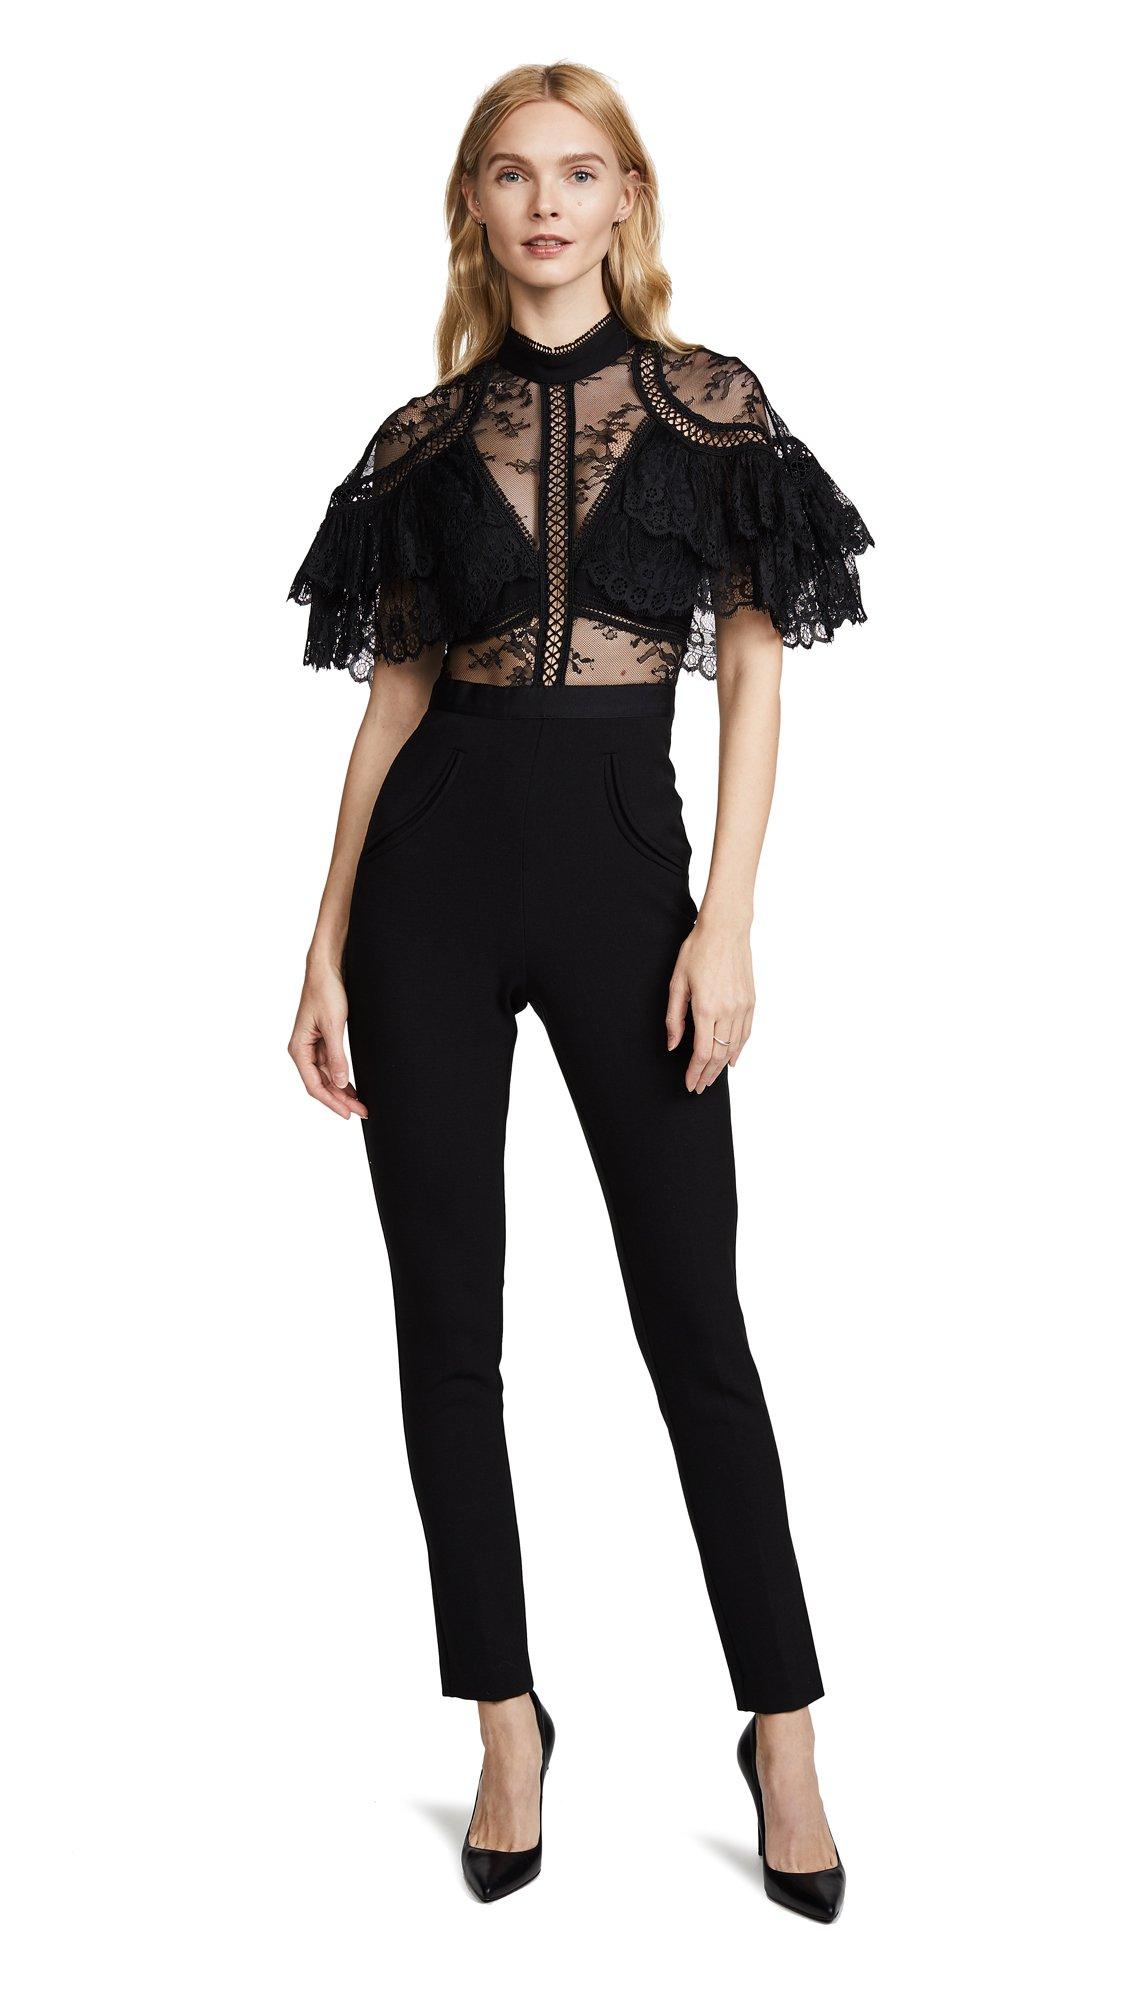 Self Portrait Women's Fine Lace Paneled Jumpsuit, Black, 8 by Self Portrait (Image #1)